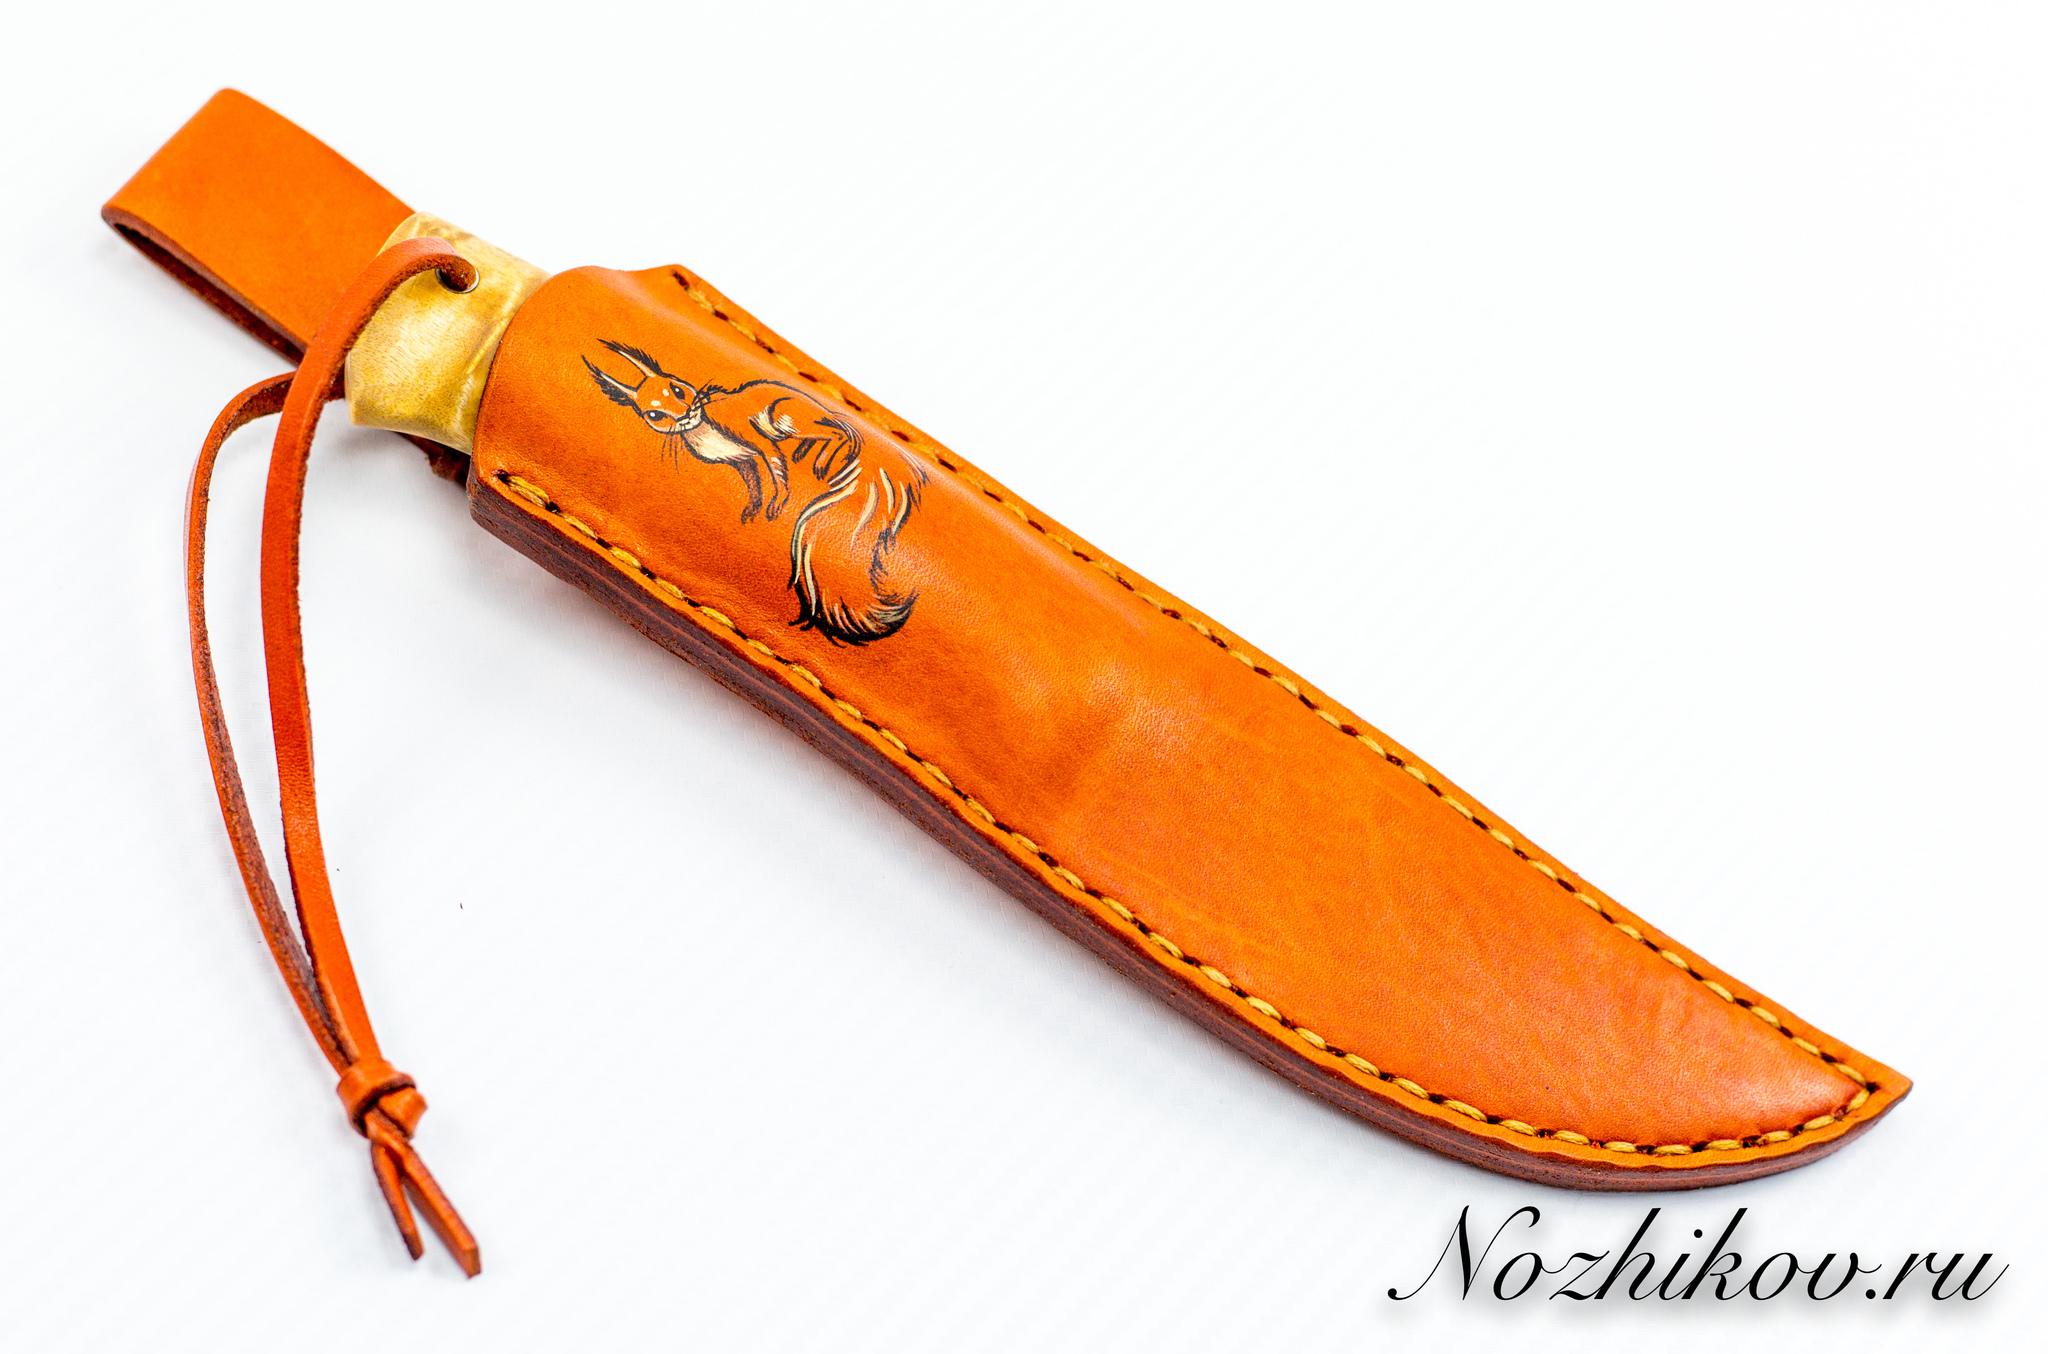 Нож Барбус, сталь M390, карельская береза цена